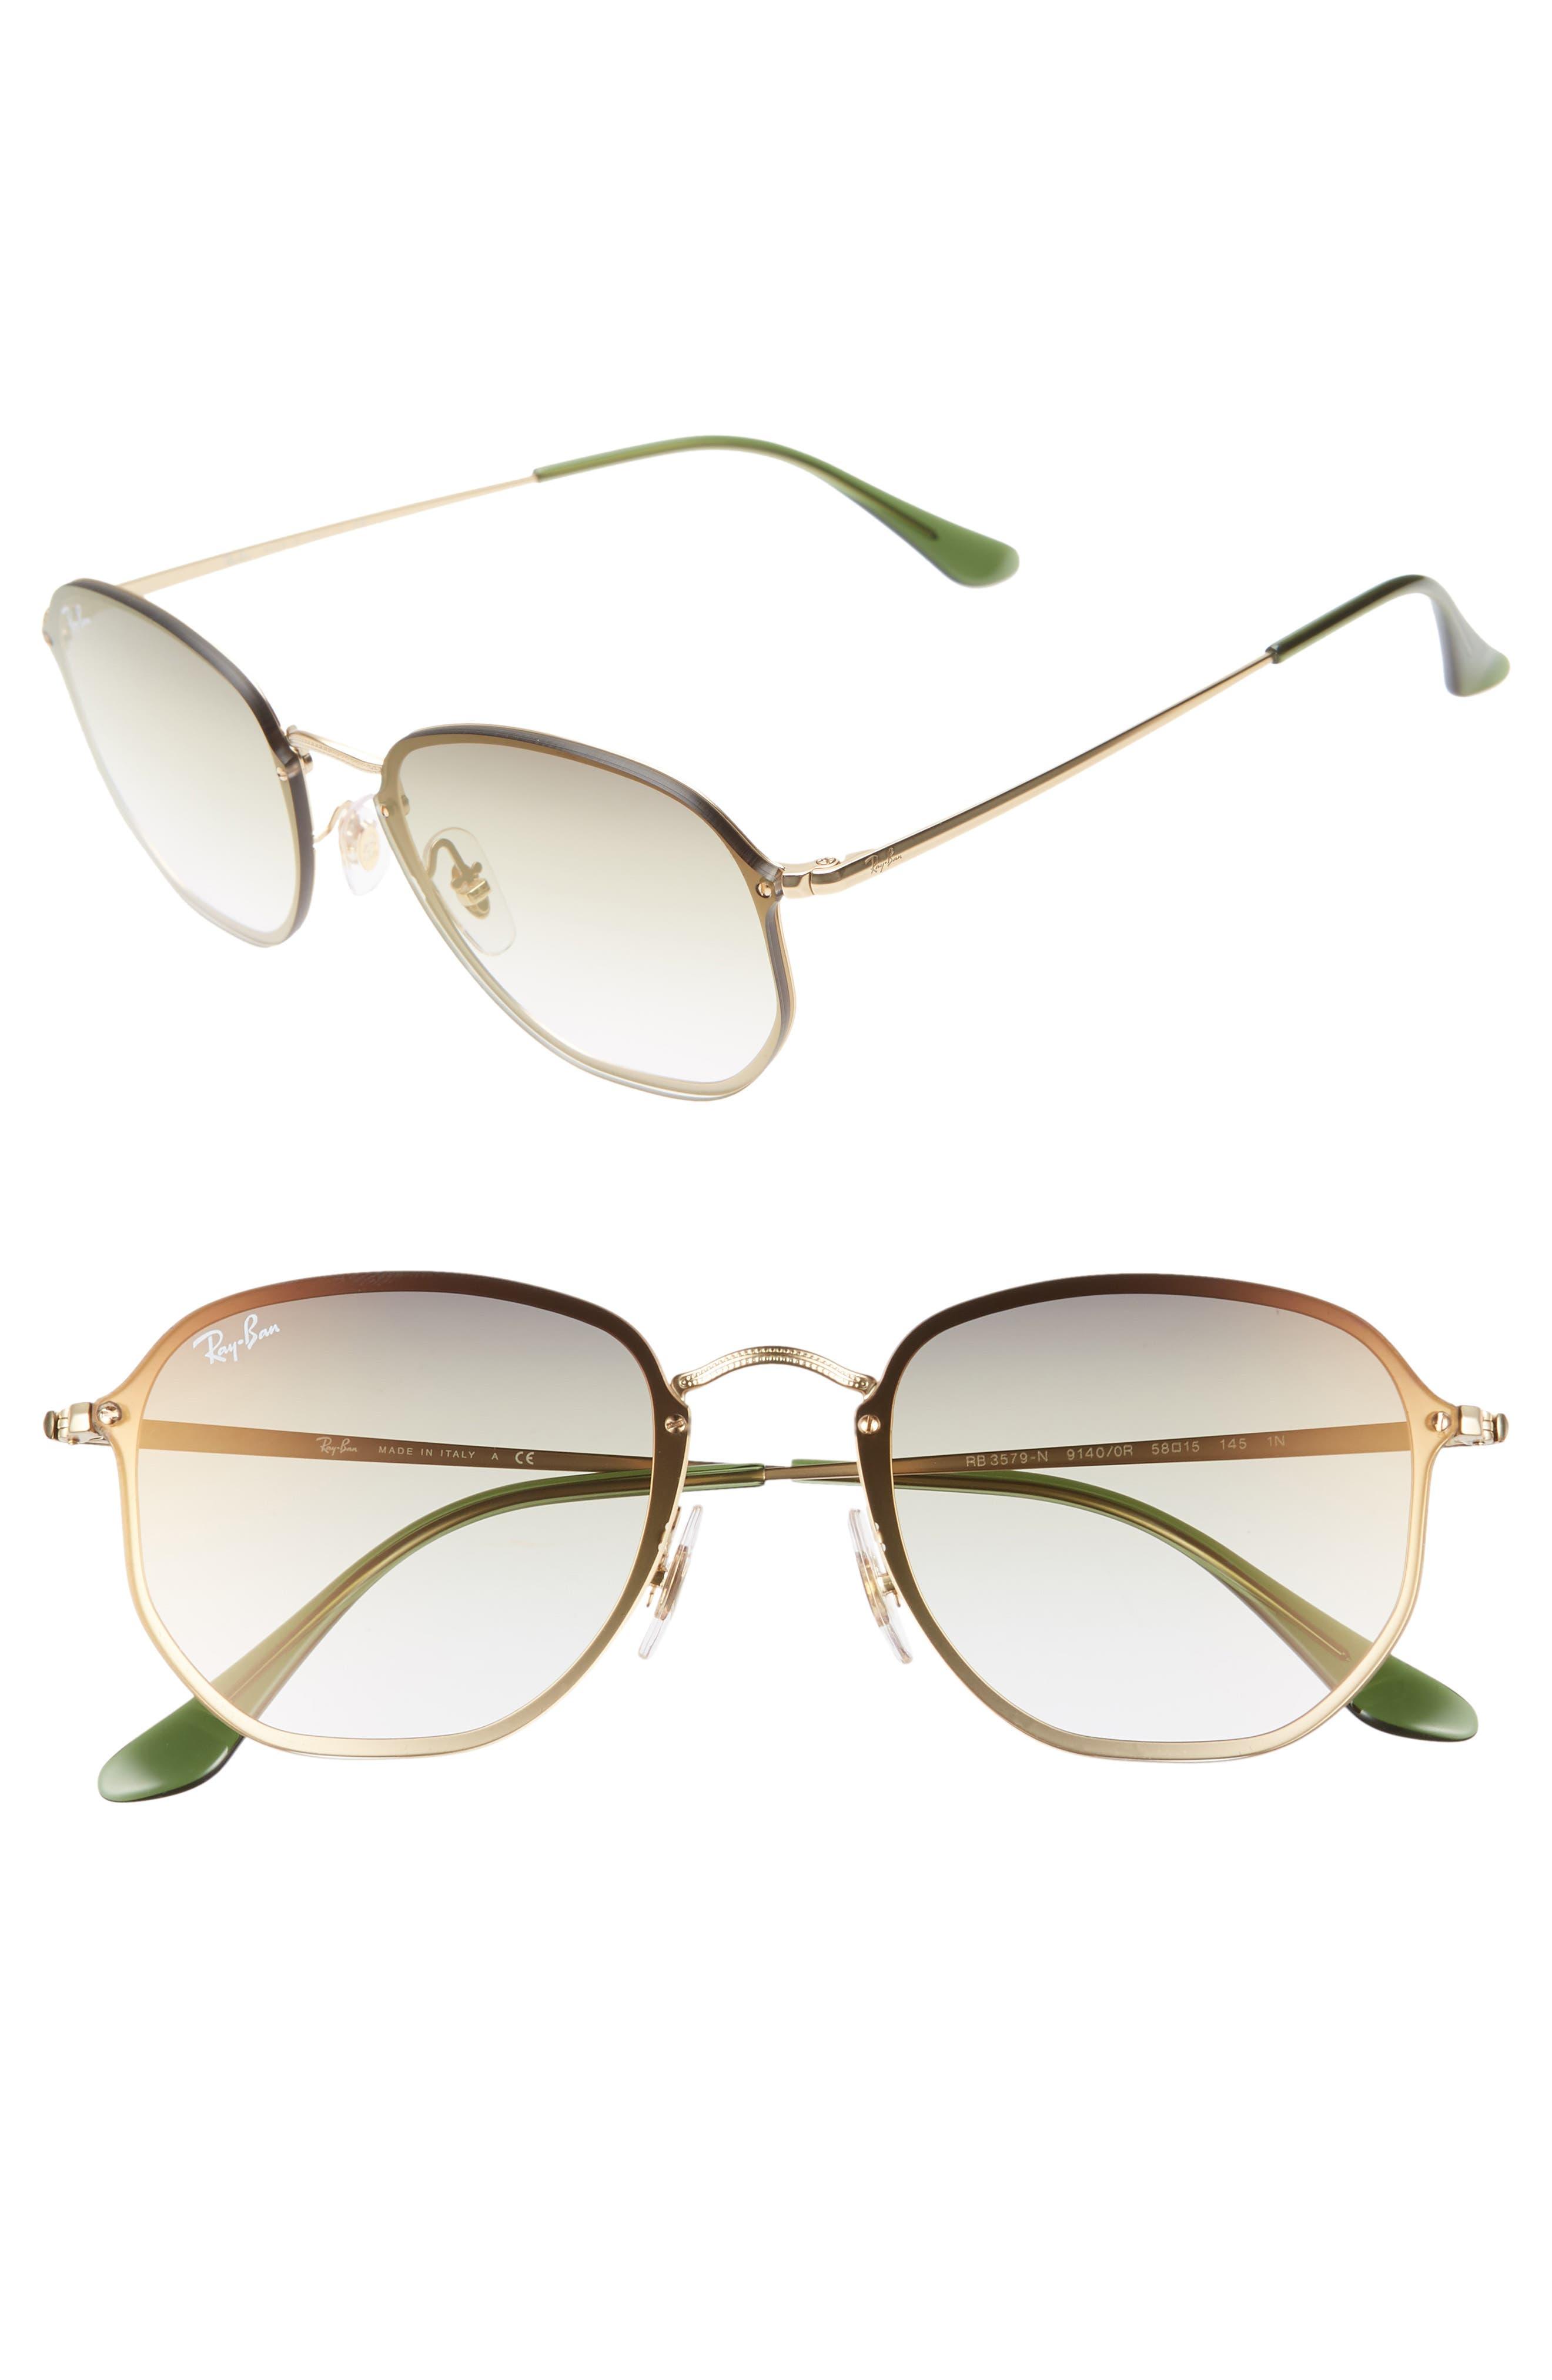 Ray-Ban 5m Round Sunglasses -